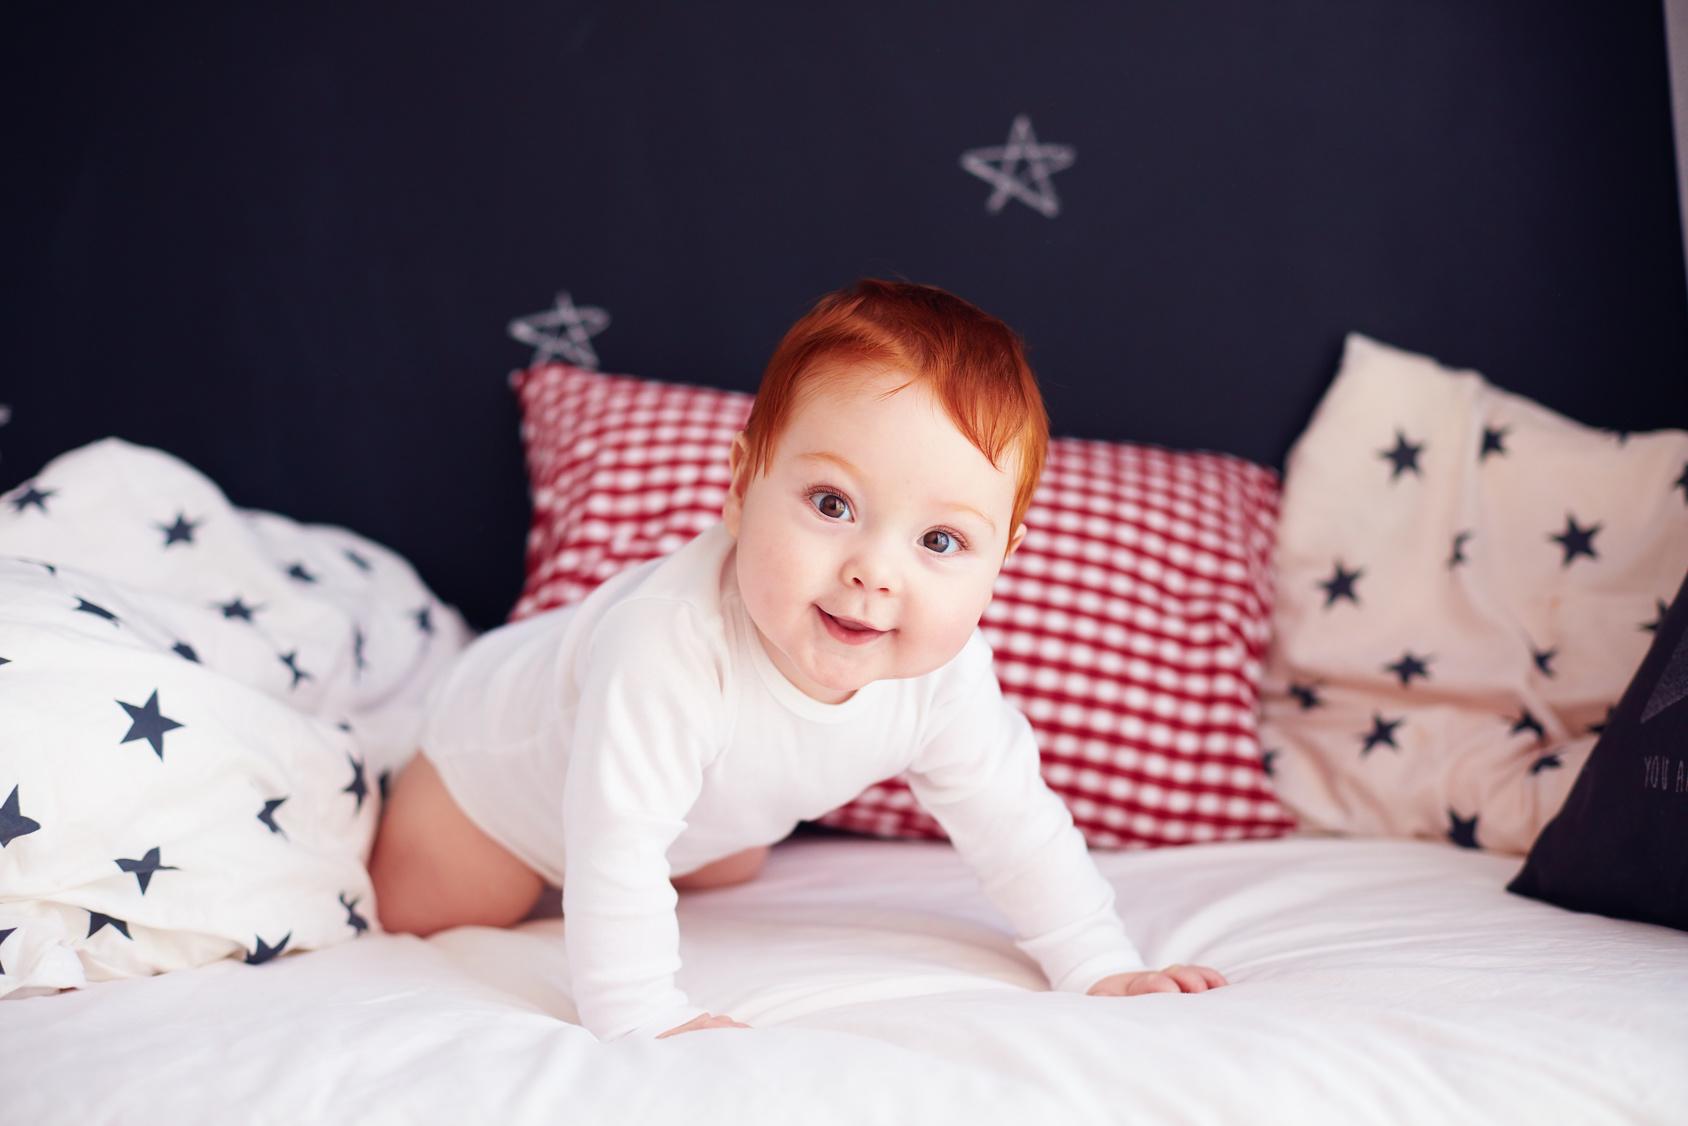 Dein Baby Will Nicht Einschlafen 16 Tipps Babyartikel De Magazin